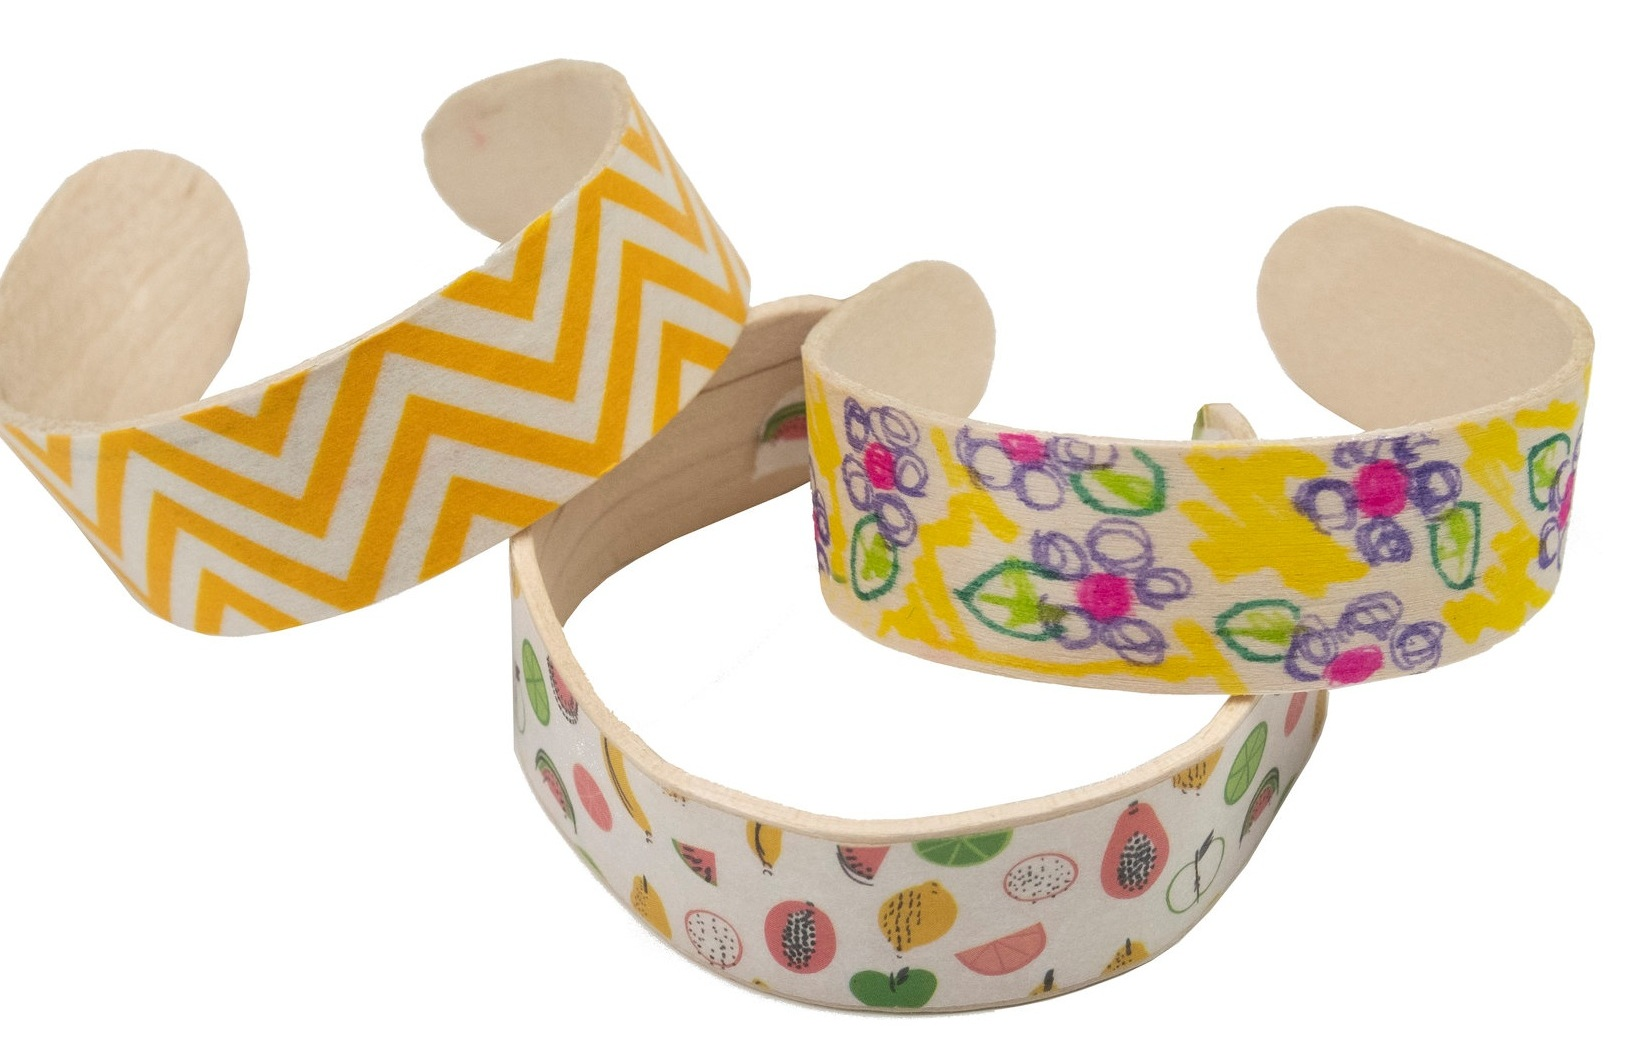 Tip  Make a few extra bracelets in case any break.